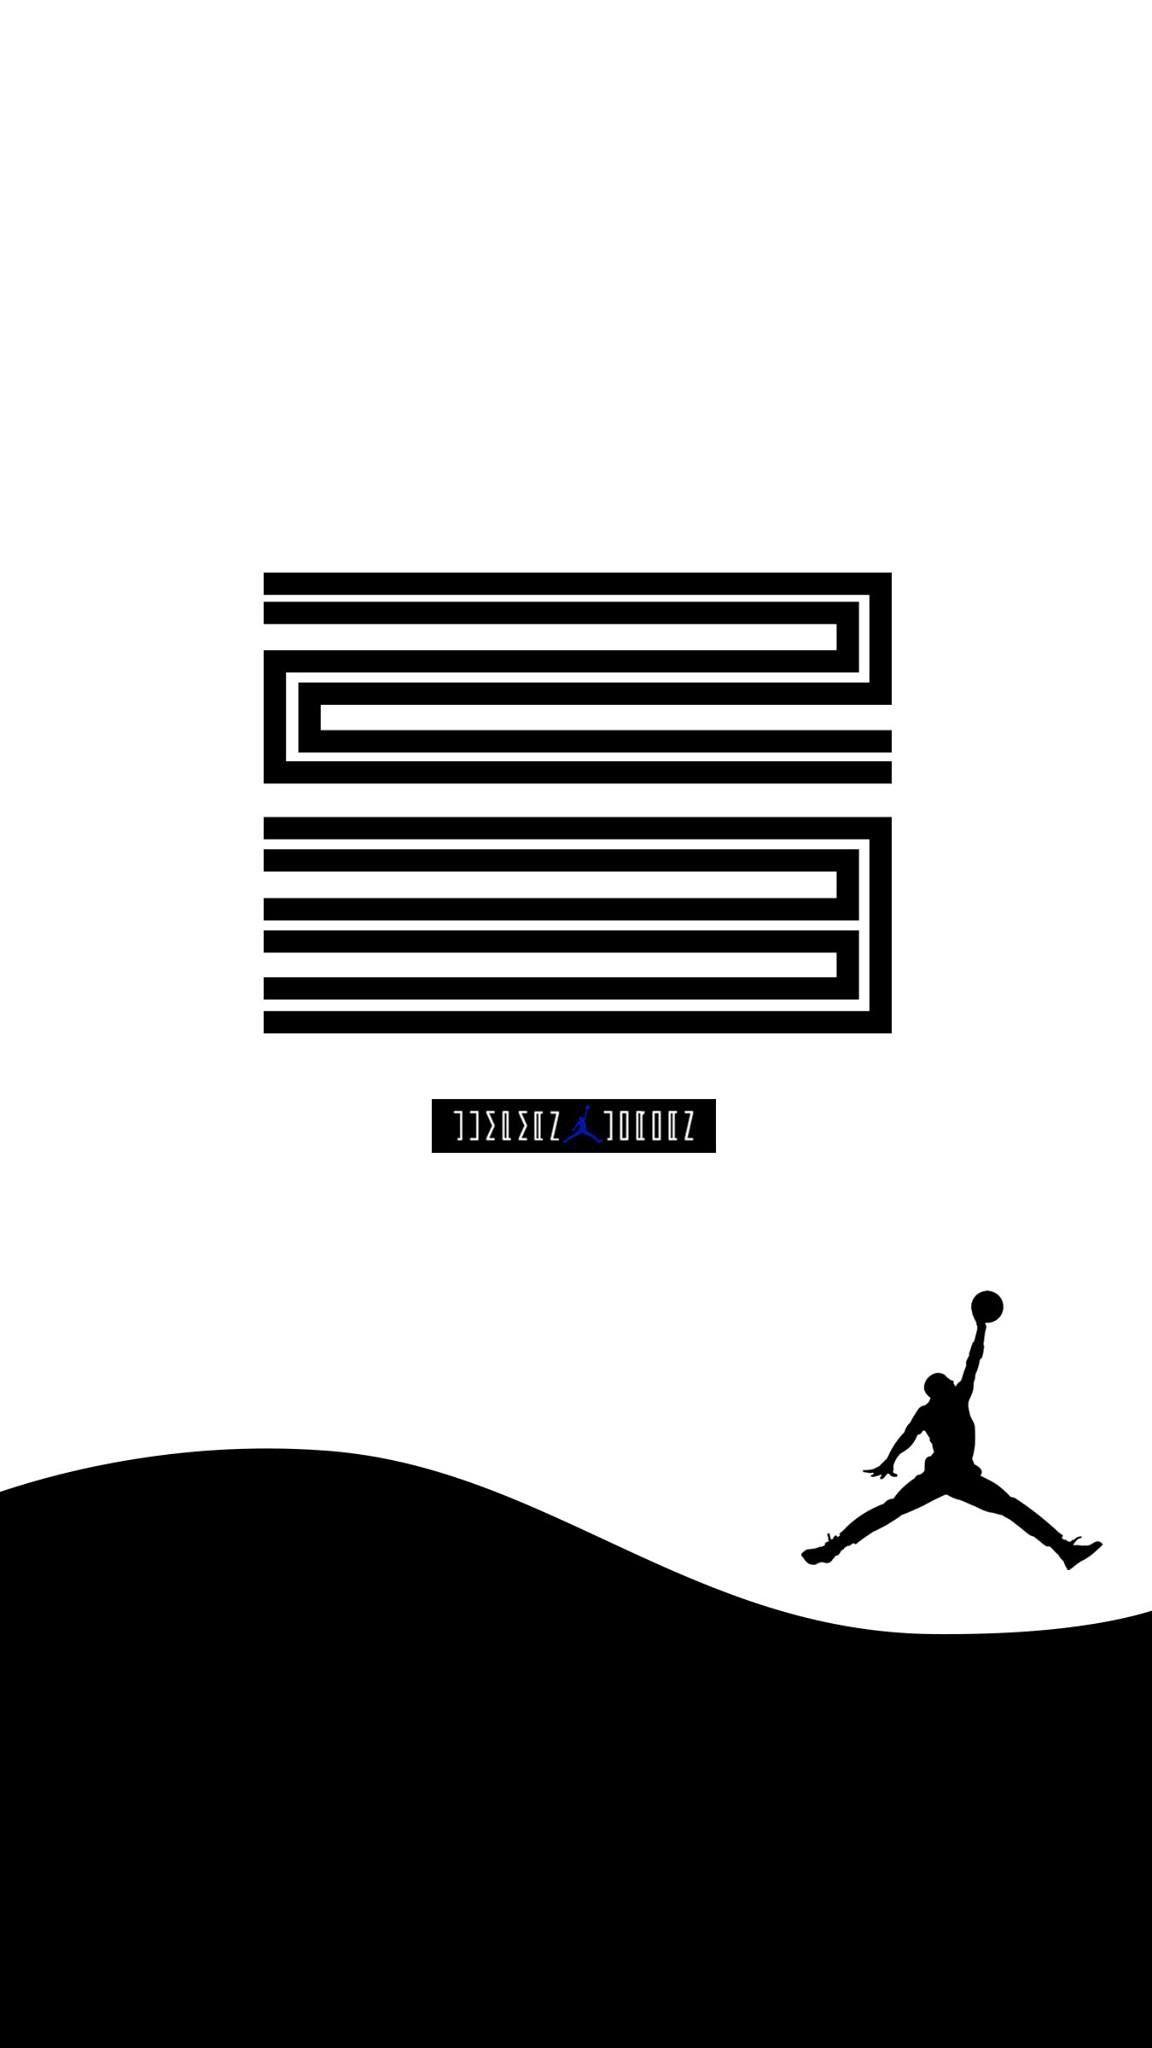 nowe wydanie najnowszy projekt autentyczna jakość Jordan 11 concords mobile wallpaper in 2019 | Jordan logo ...